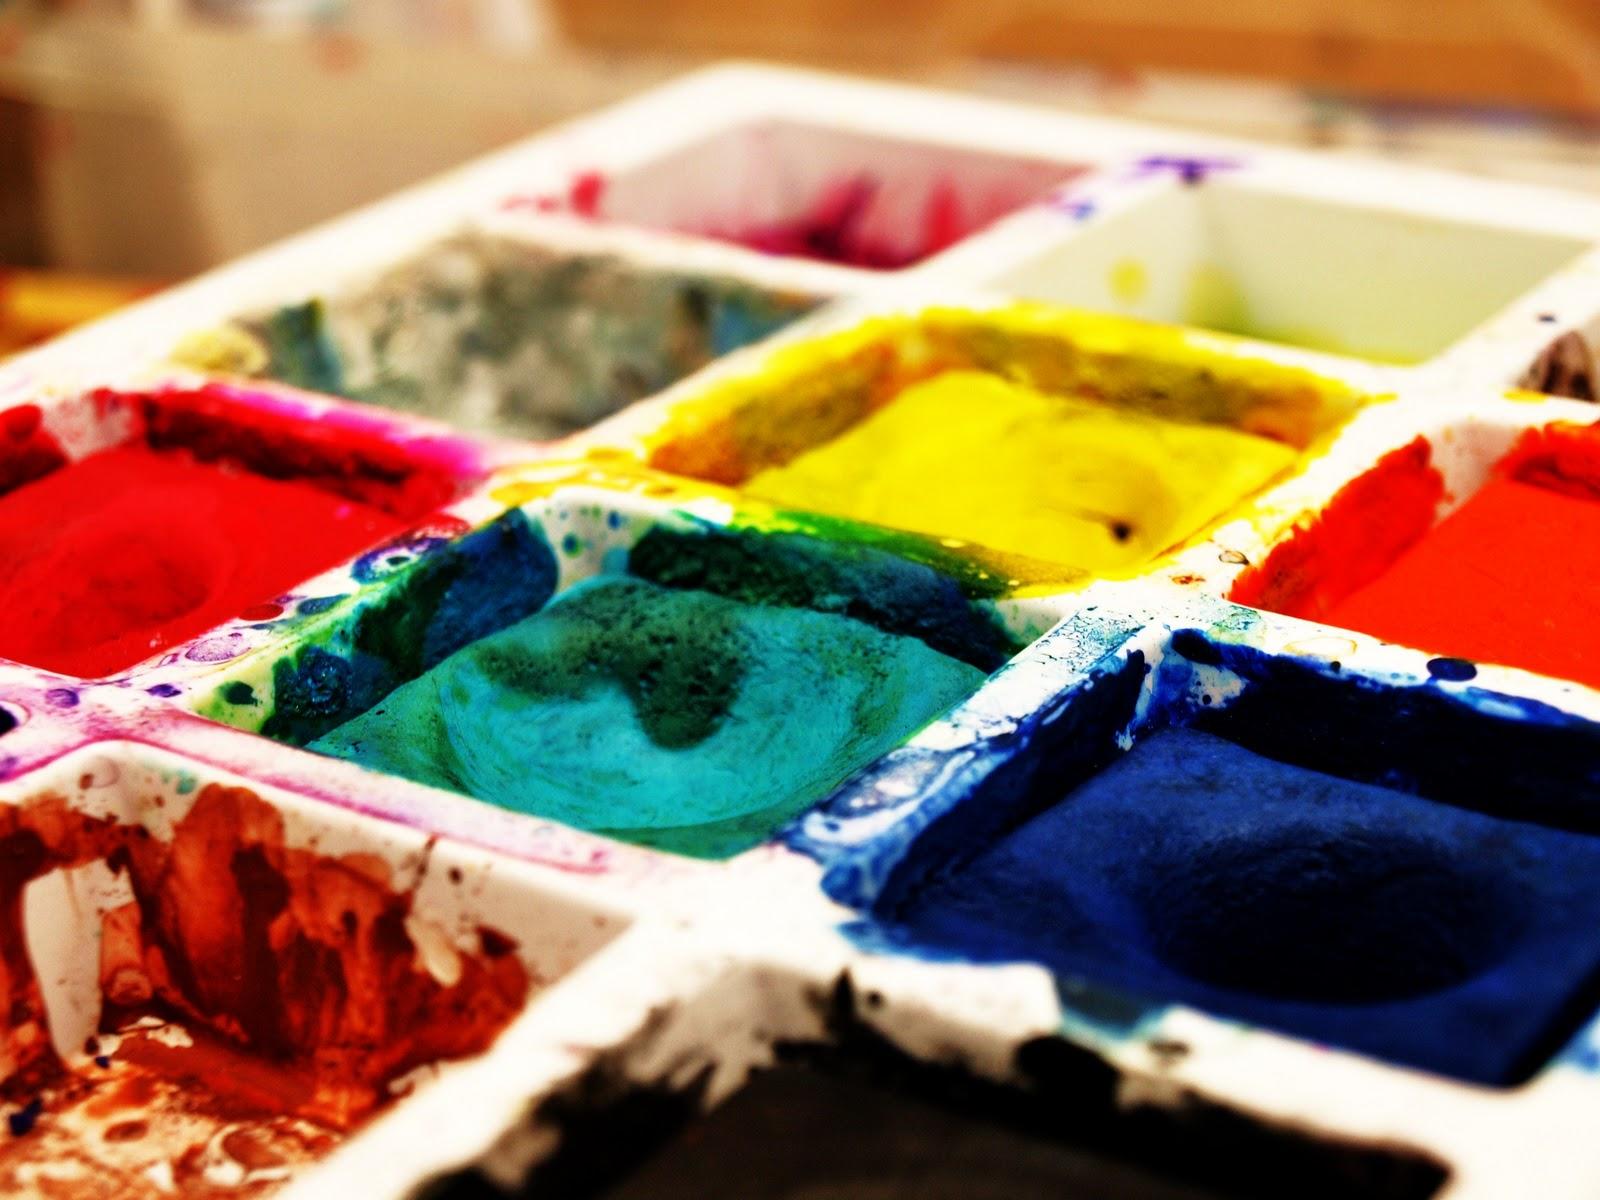 Μαθήματα ζωγραφικής από τον Επιμορφωτικό Σύλλογο Βάρης